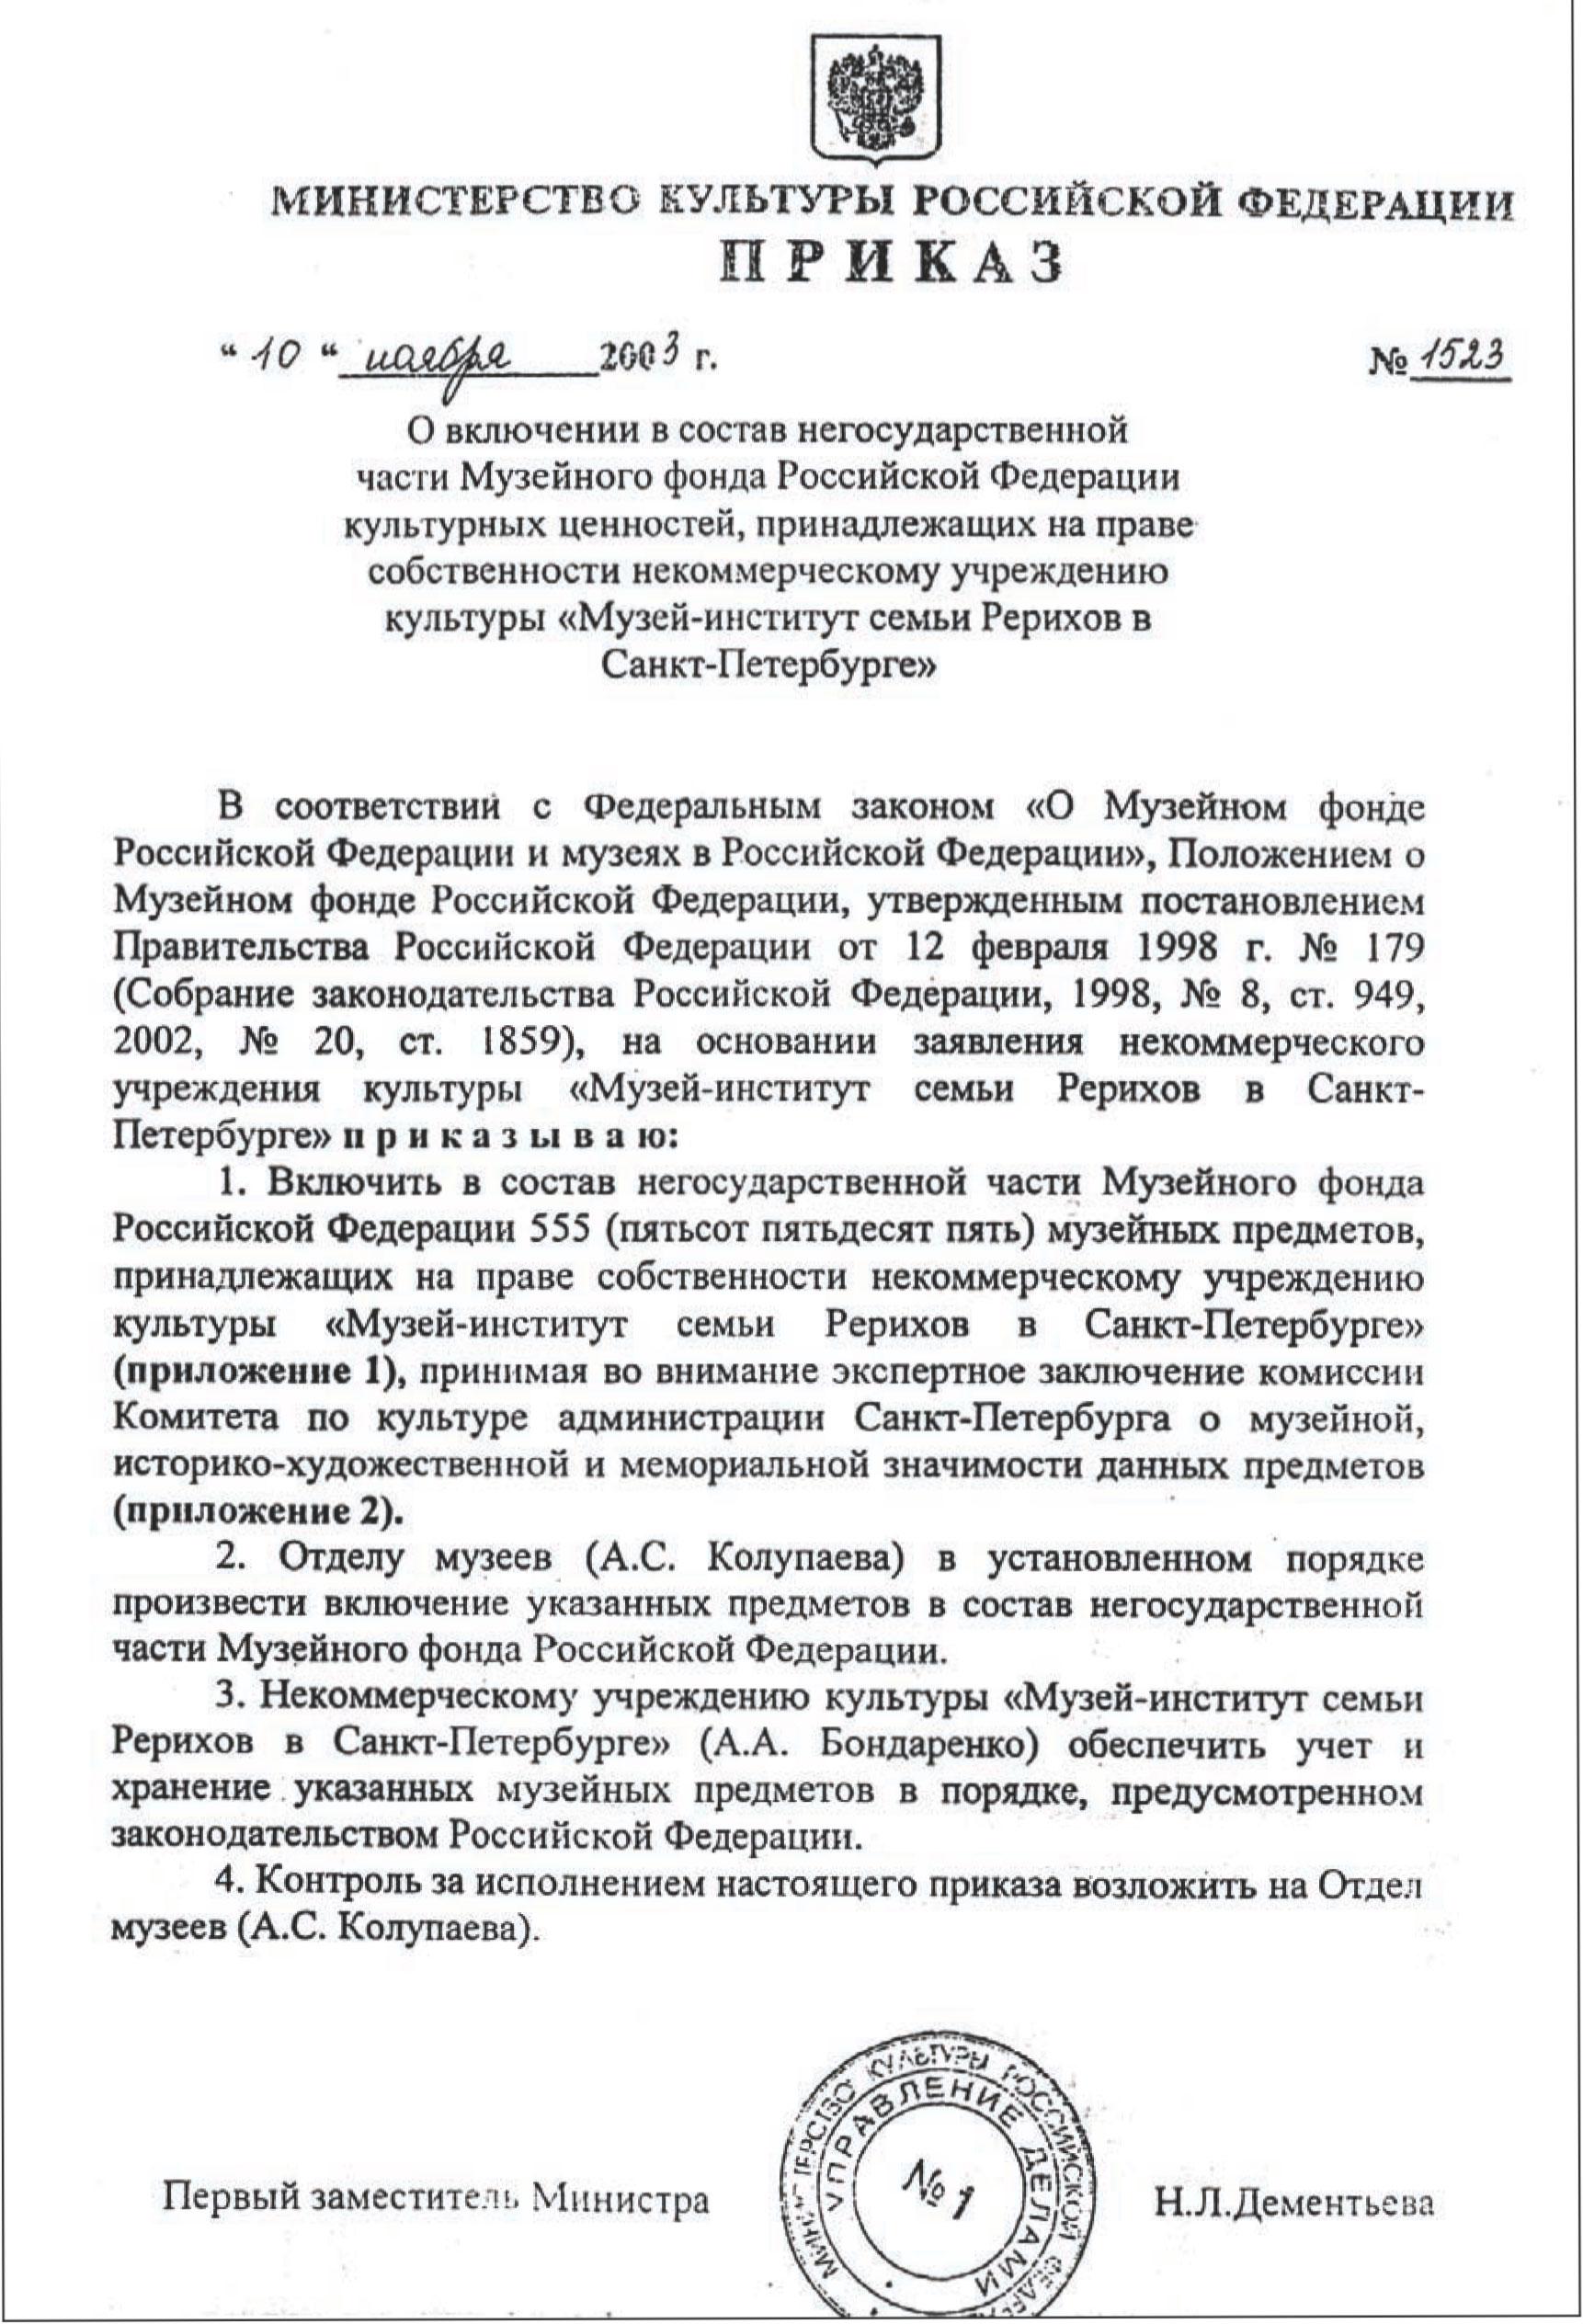 Ил.8 Приказ Министерства культуры Российской Федерации от 10 ноября 2003 №1523